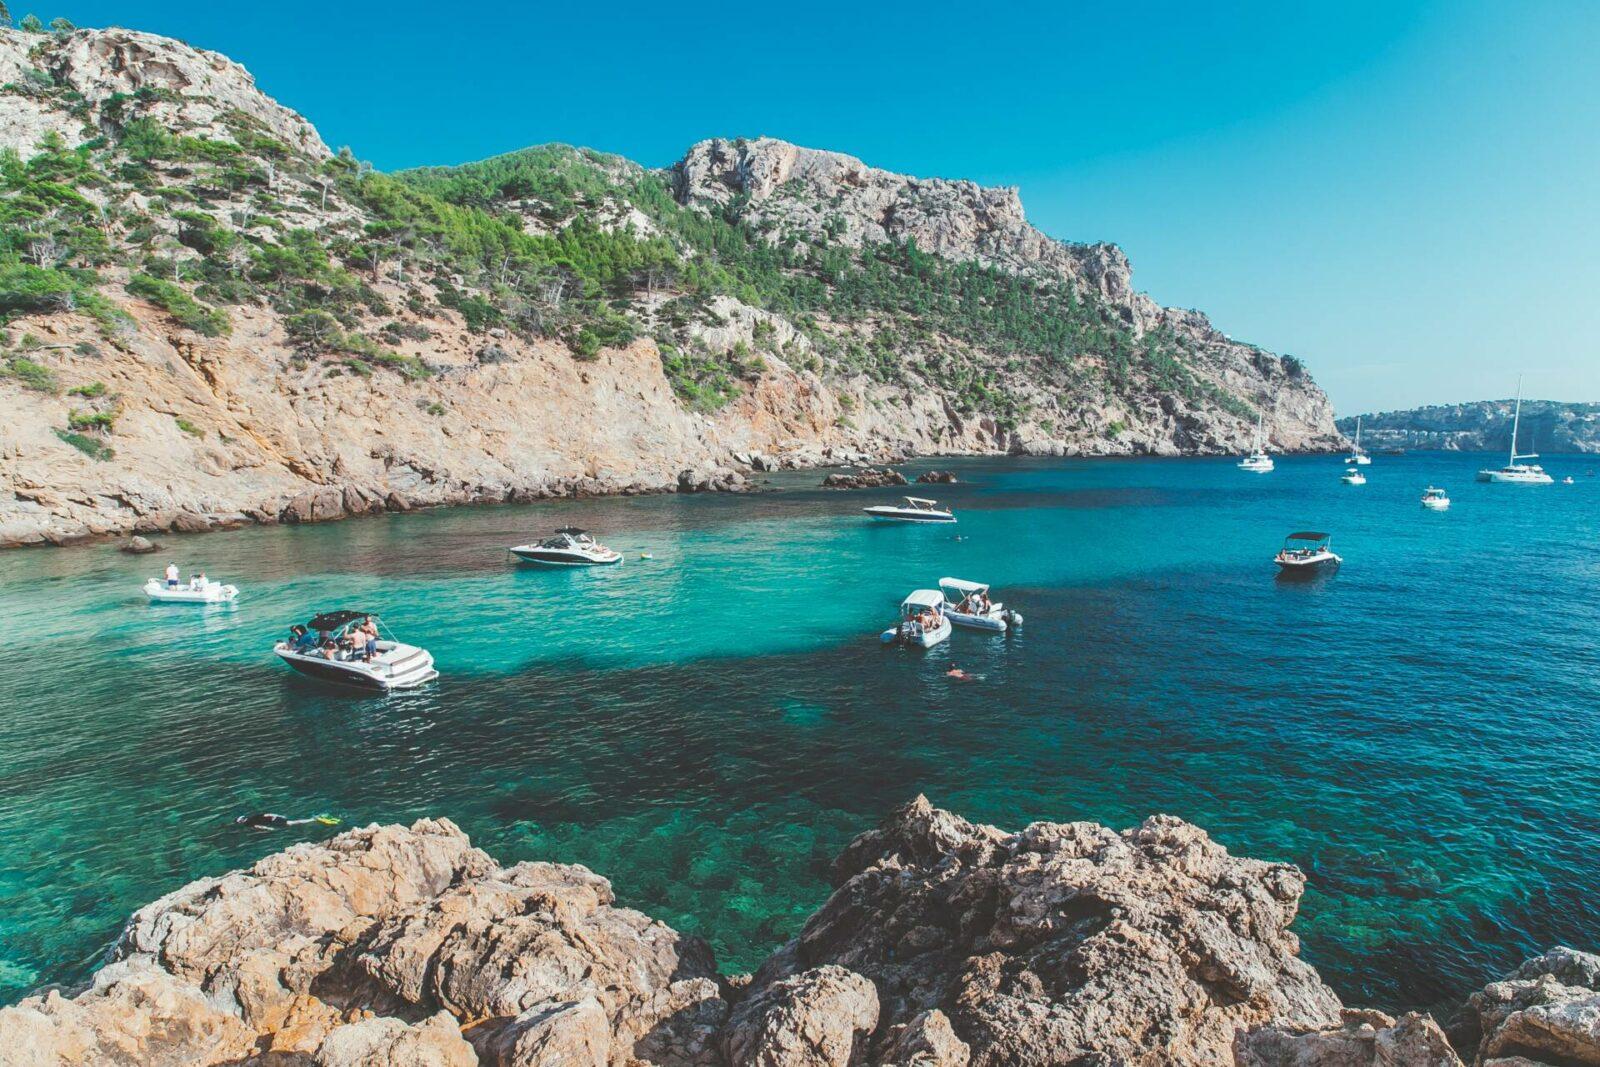 Hộ sinh và Cuộc sống – Thở dễ dàng – Kỳ nghỉ ở Mallorca sẽ không làm ngân sách của bạn thấp hơn